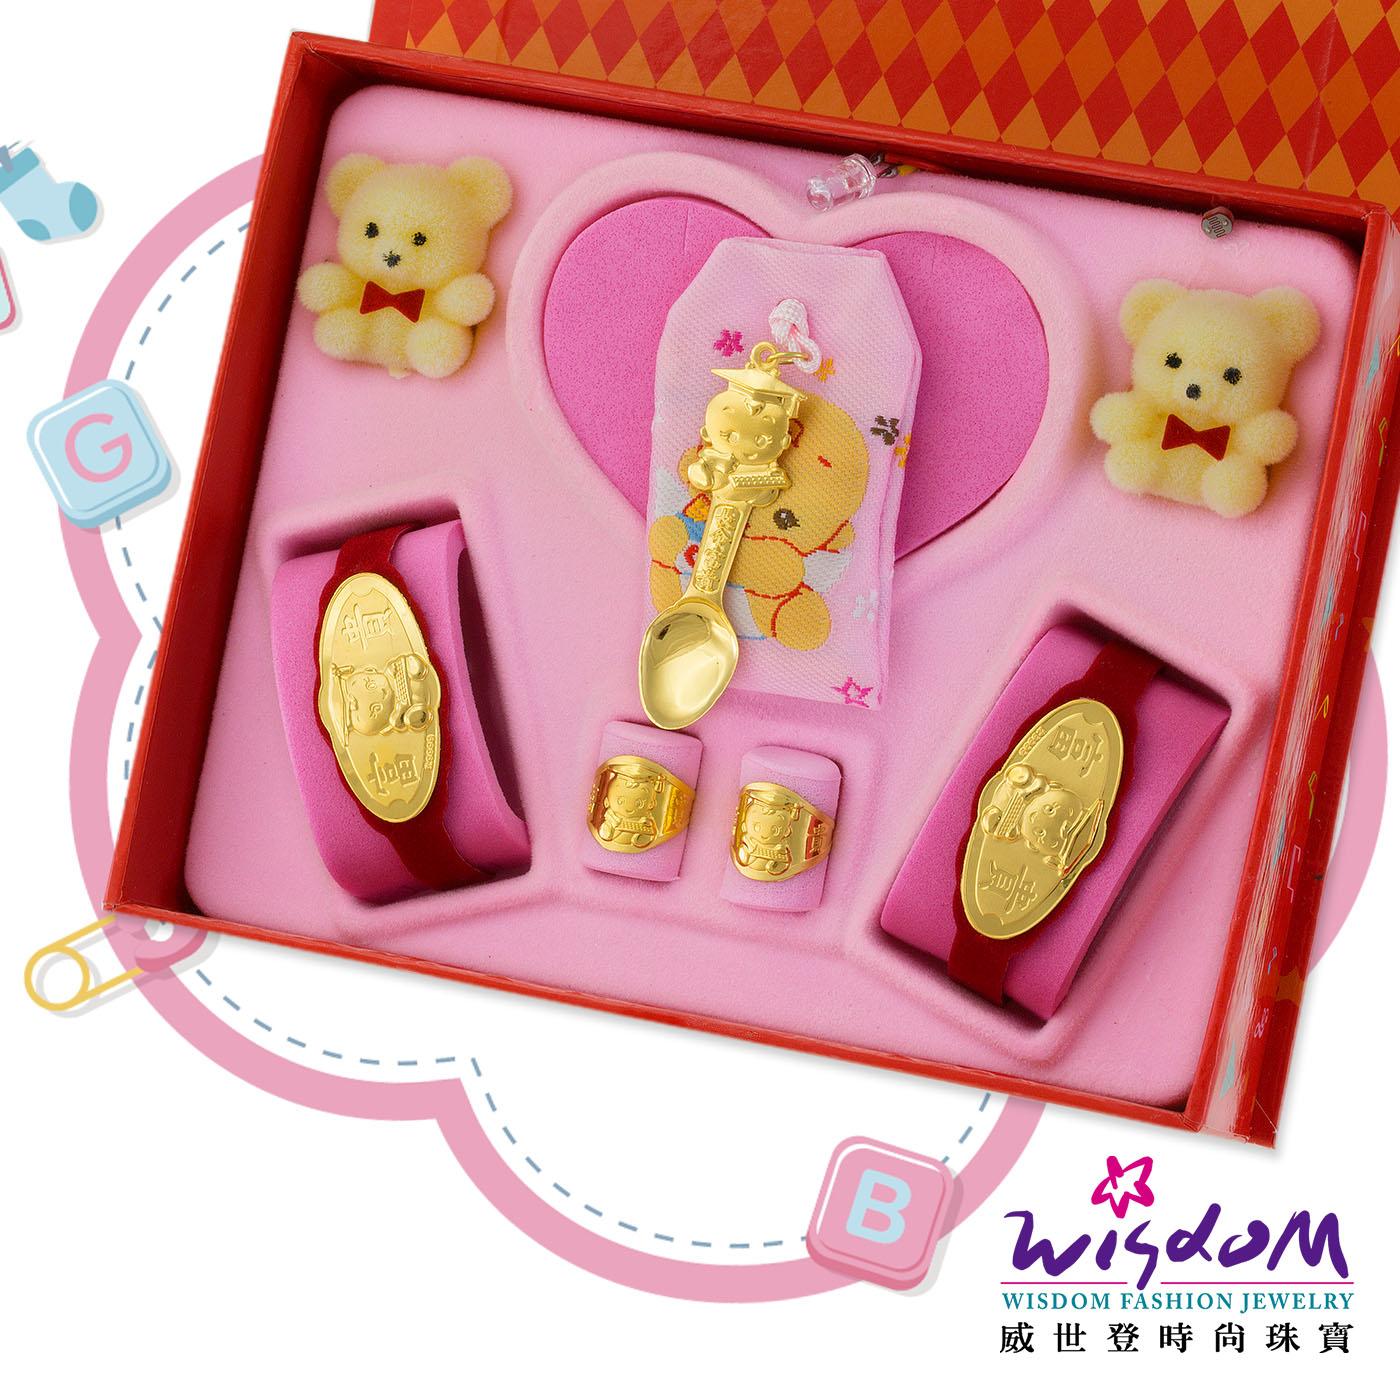 999.9黃金彌月音樂禮盒 博士湯匙五件組0.3錢-GP00009-16-GXX-FIX